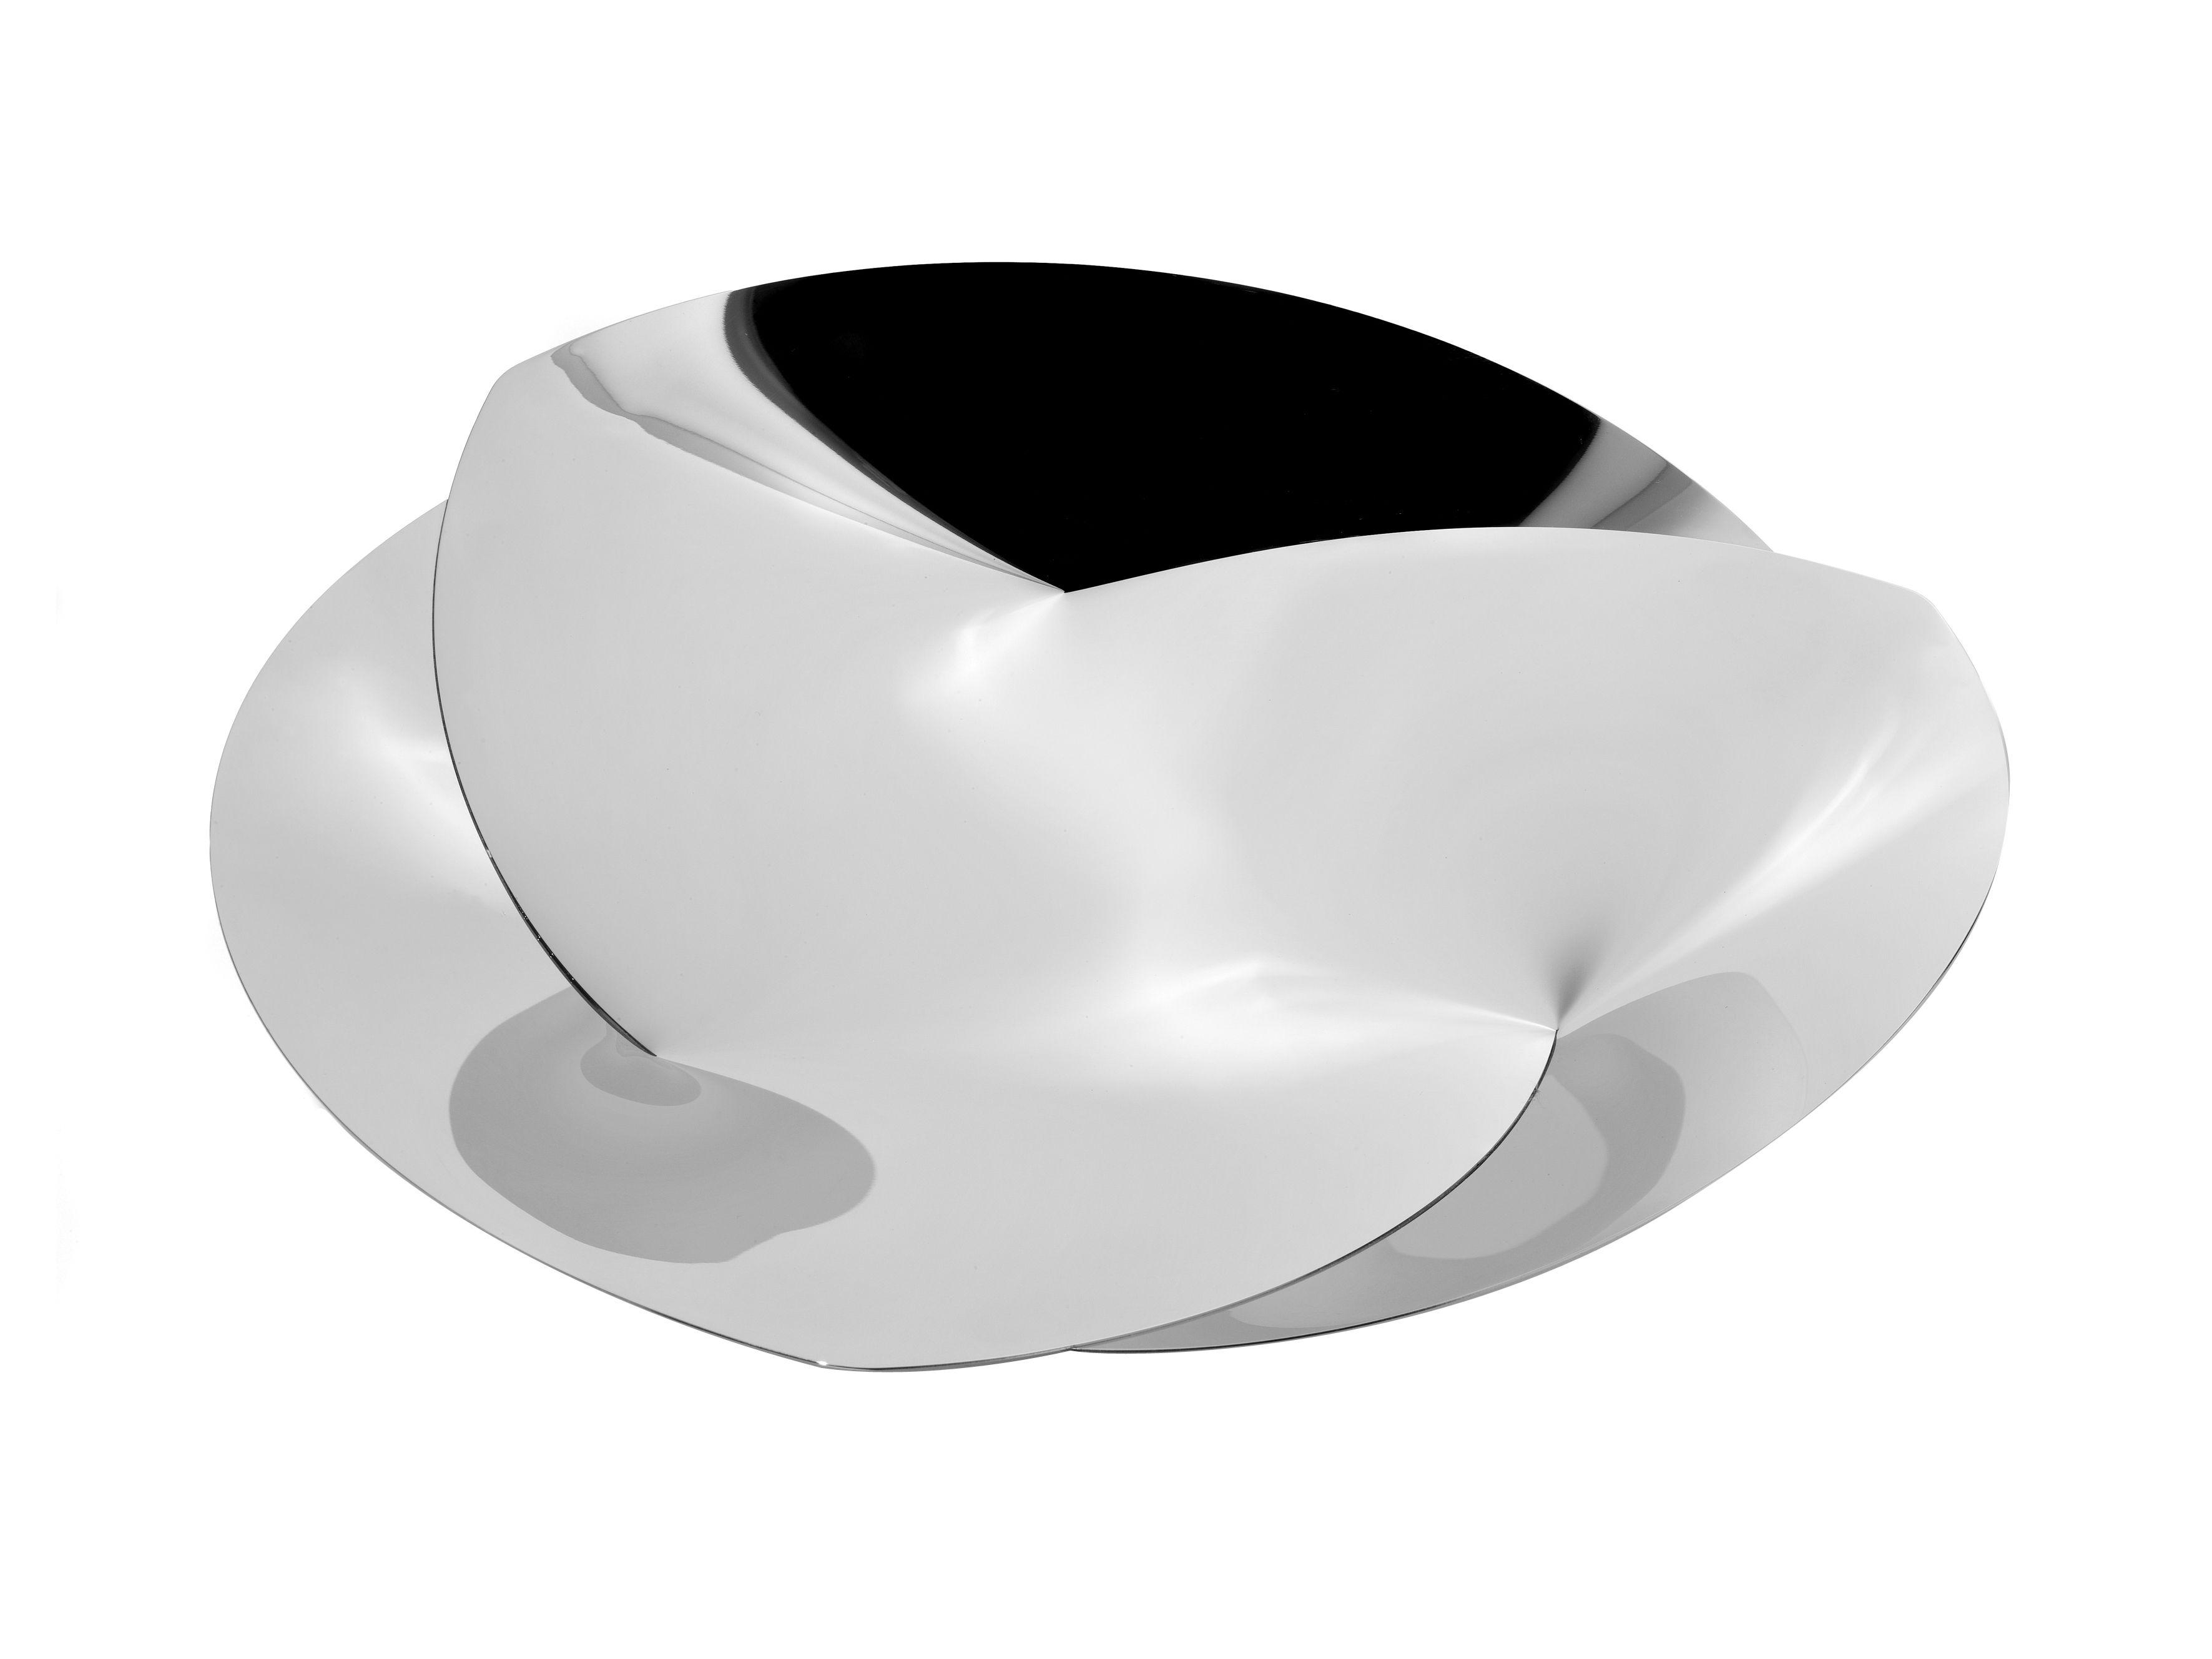 Arts de la table - Corbeilles, centres de table - Corbeille Resonance / Ø 40 cm - Alessi - Acier poli - Acier inoxydable